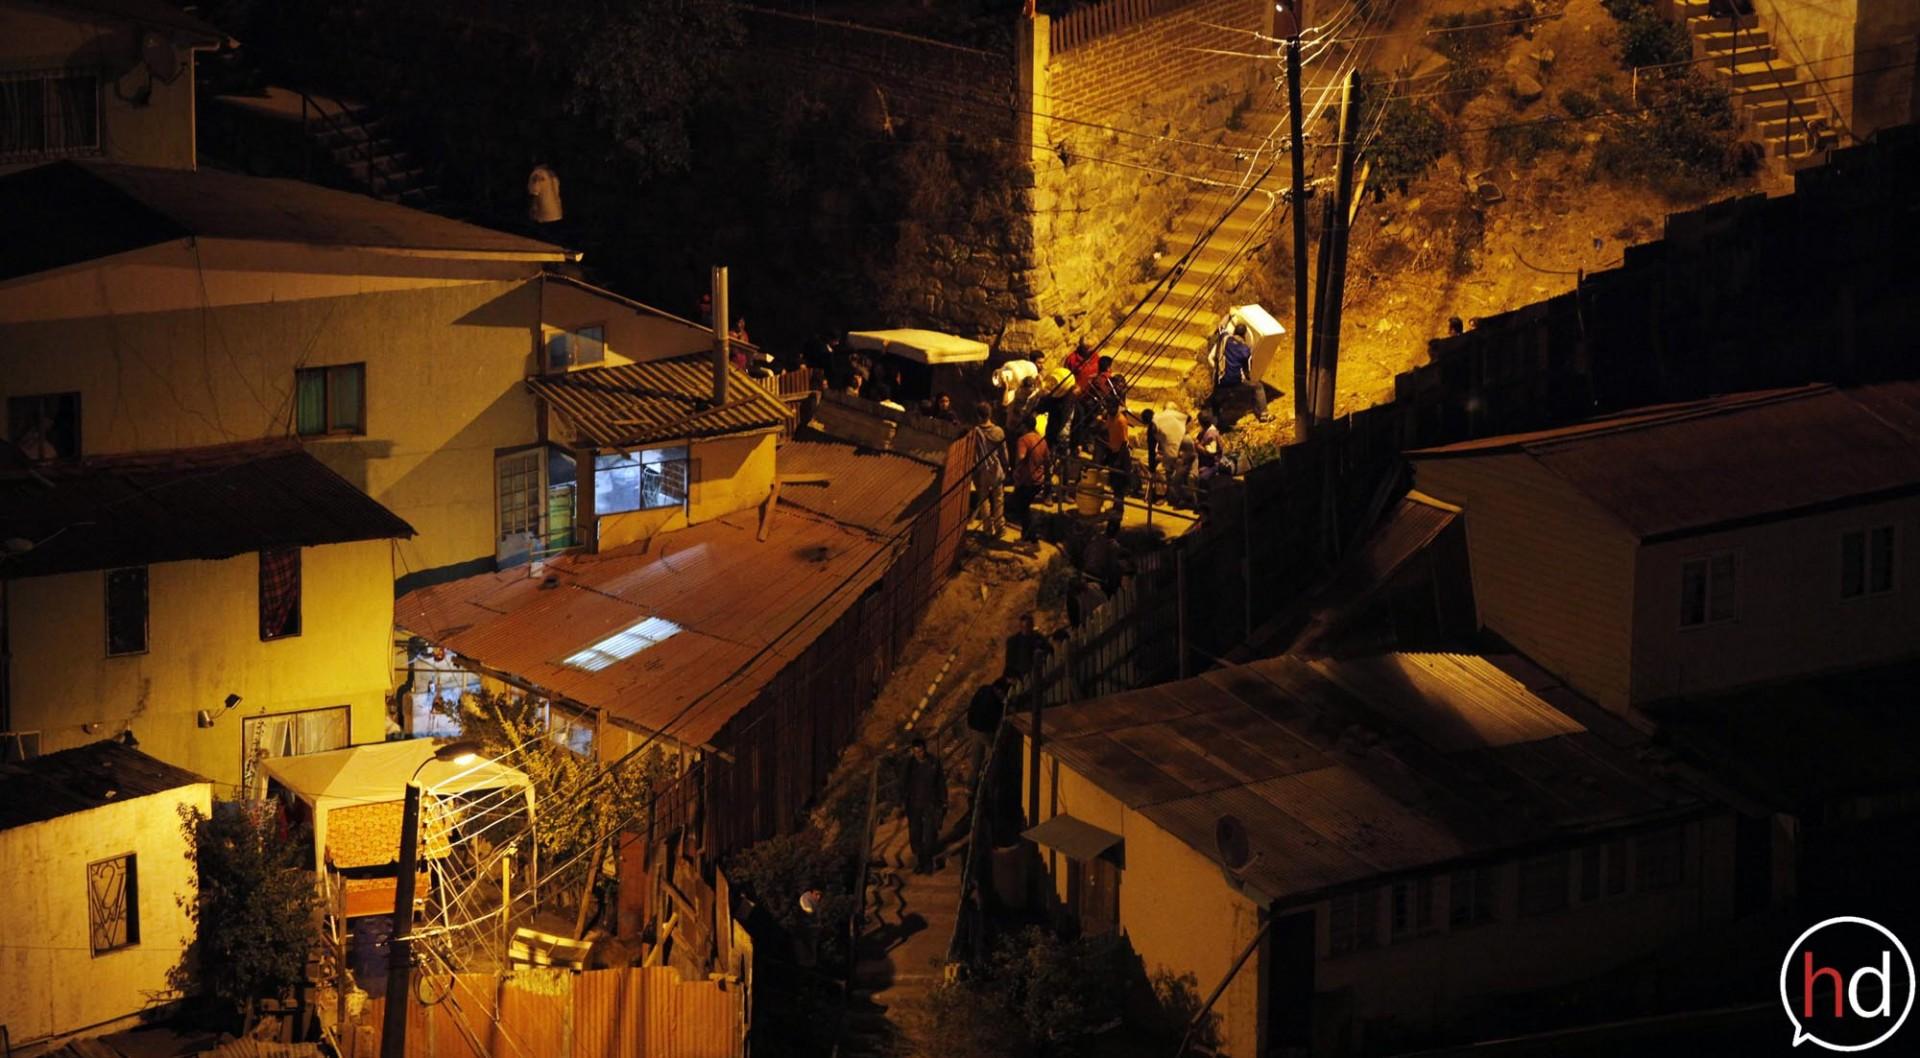 Desesperados por el avance de las llamas, los vecinos intentan sacar lo que puedan de sus viviendas amenazadas.